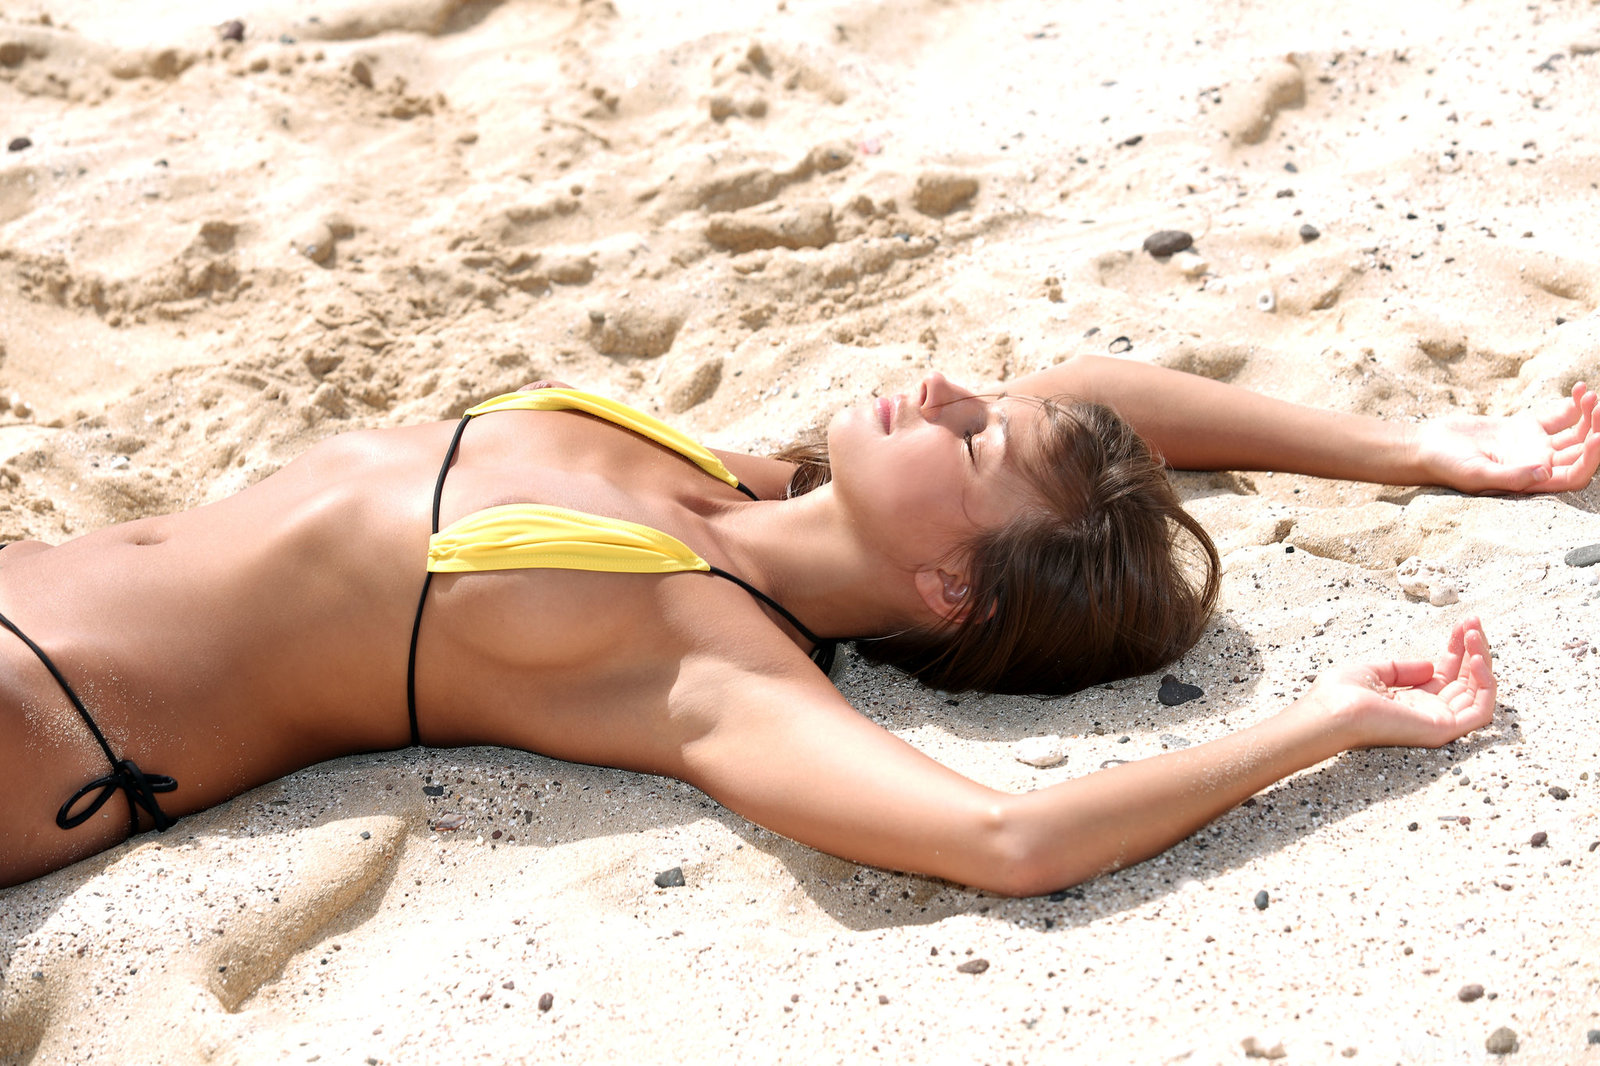 Zdjęcie porno - 0818 - Modelka w bikini na plaży